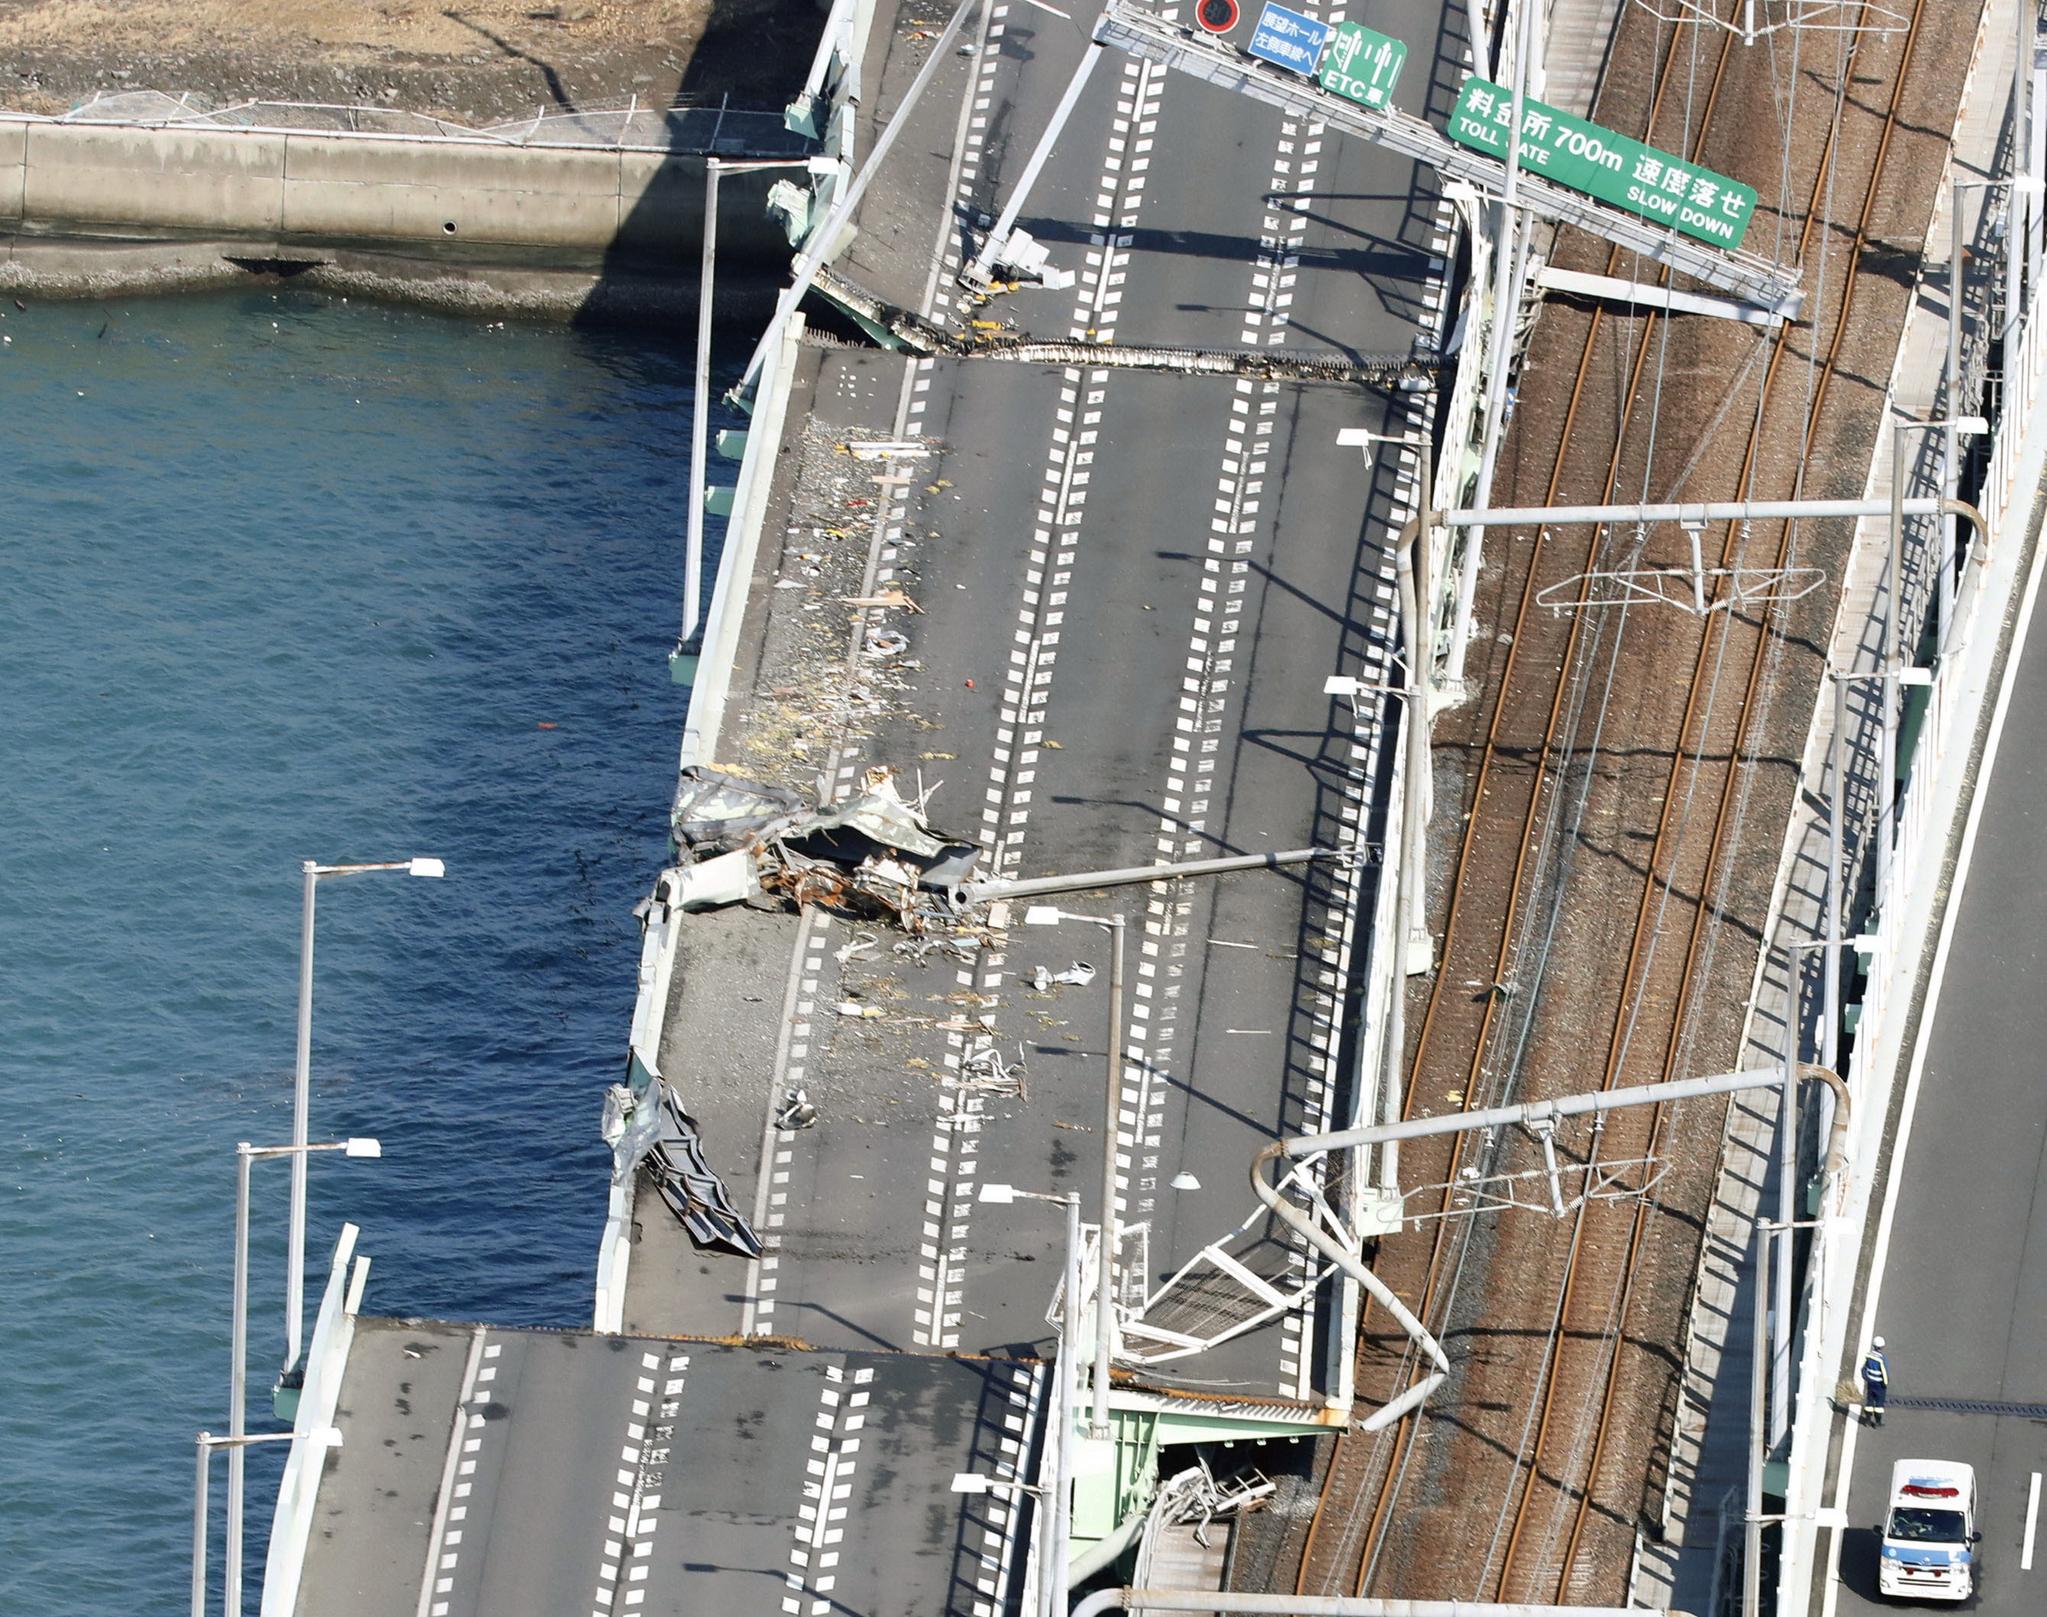 간사이 공항으로 연결되는 바다 위 교량이 강한 바람에 떠밀려 온 2,591톤 유조선과 부딪쳐 파손되었다.[REUTERS=연합뉴스]